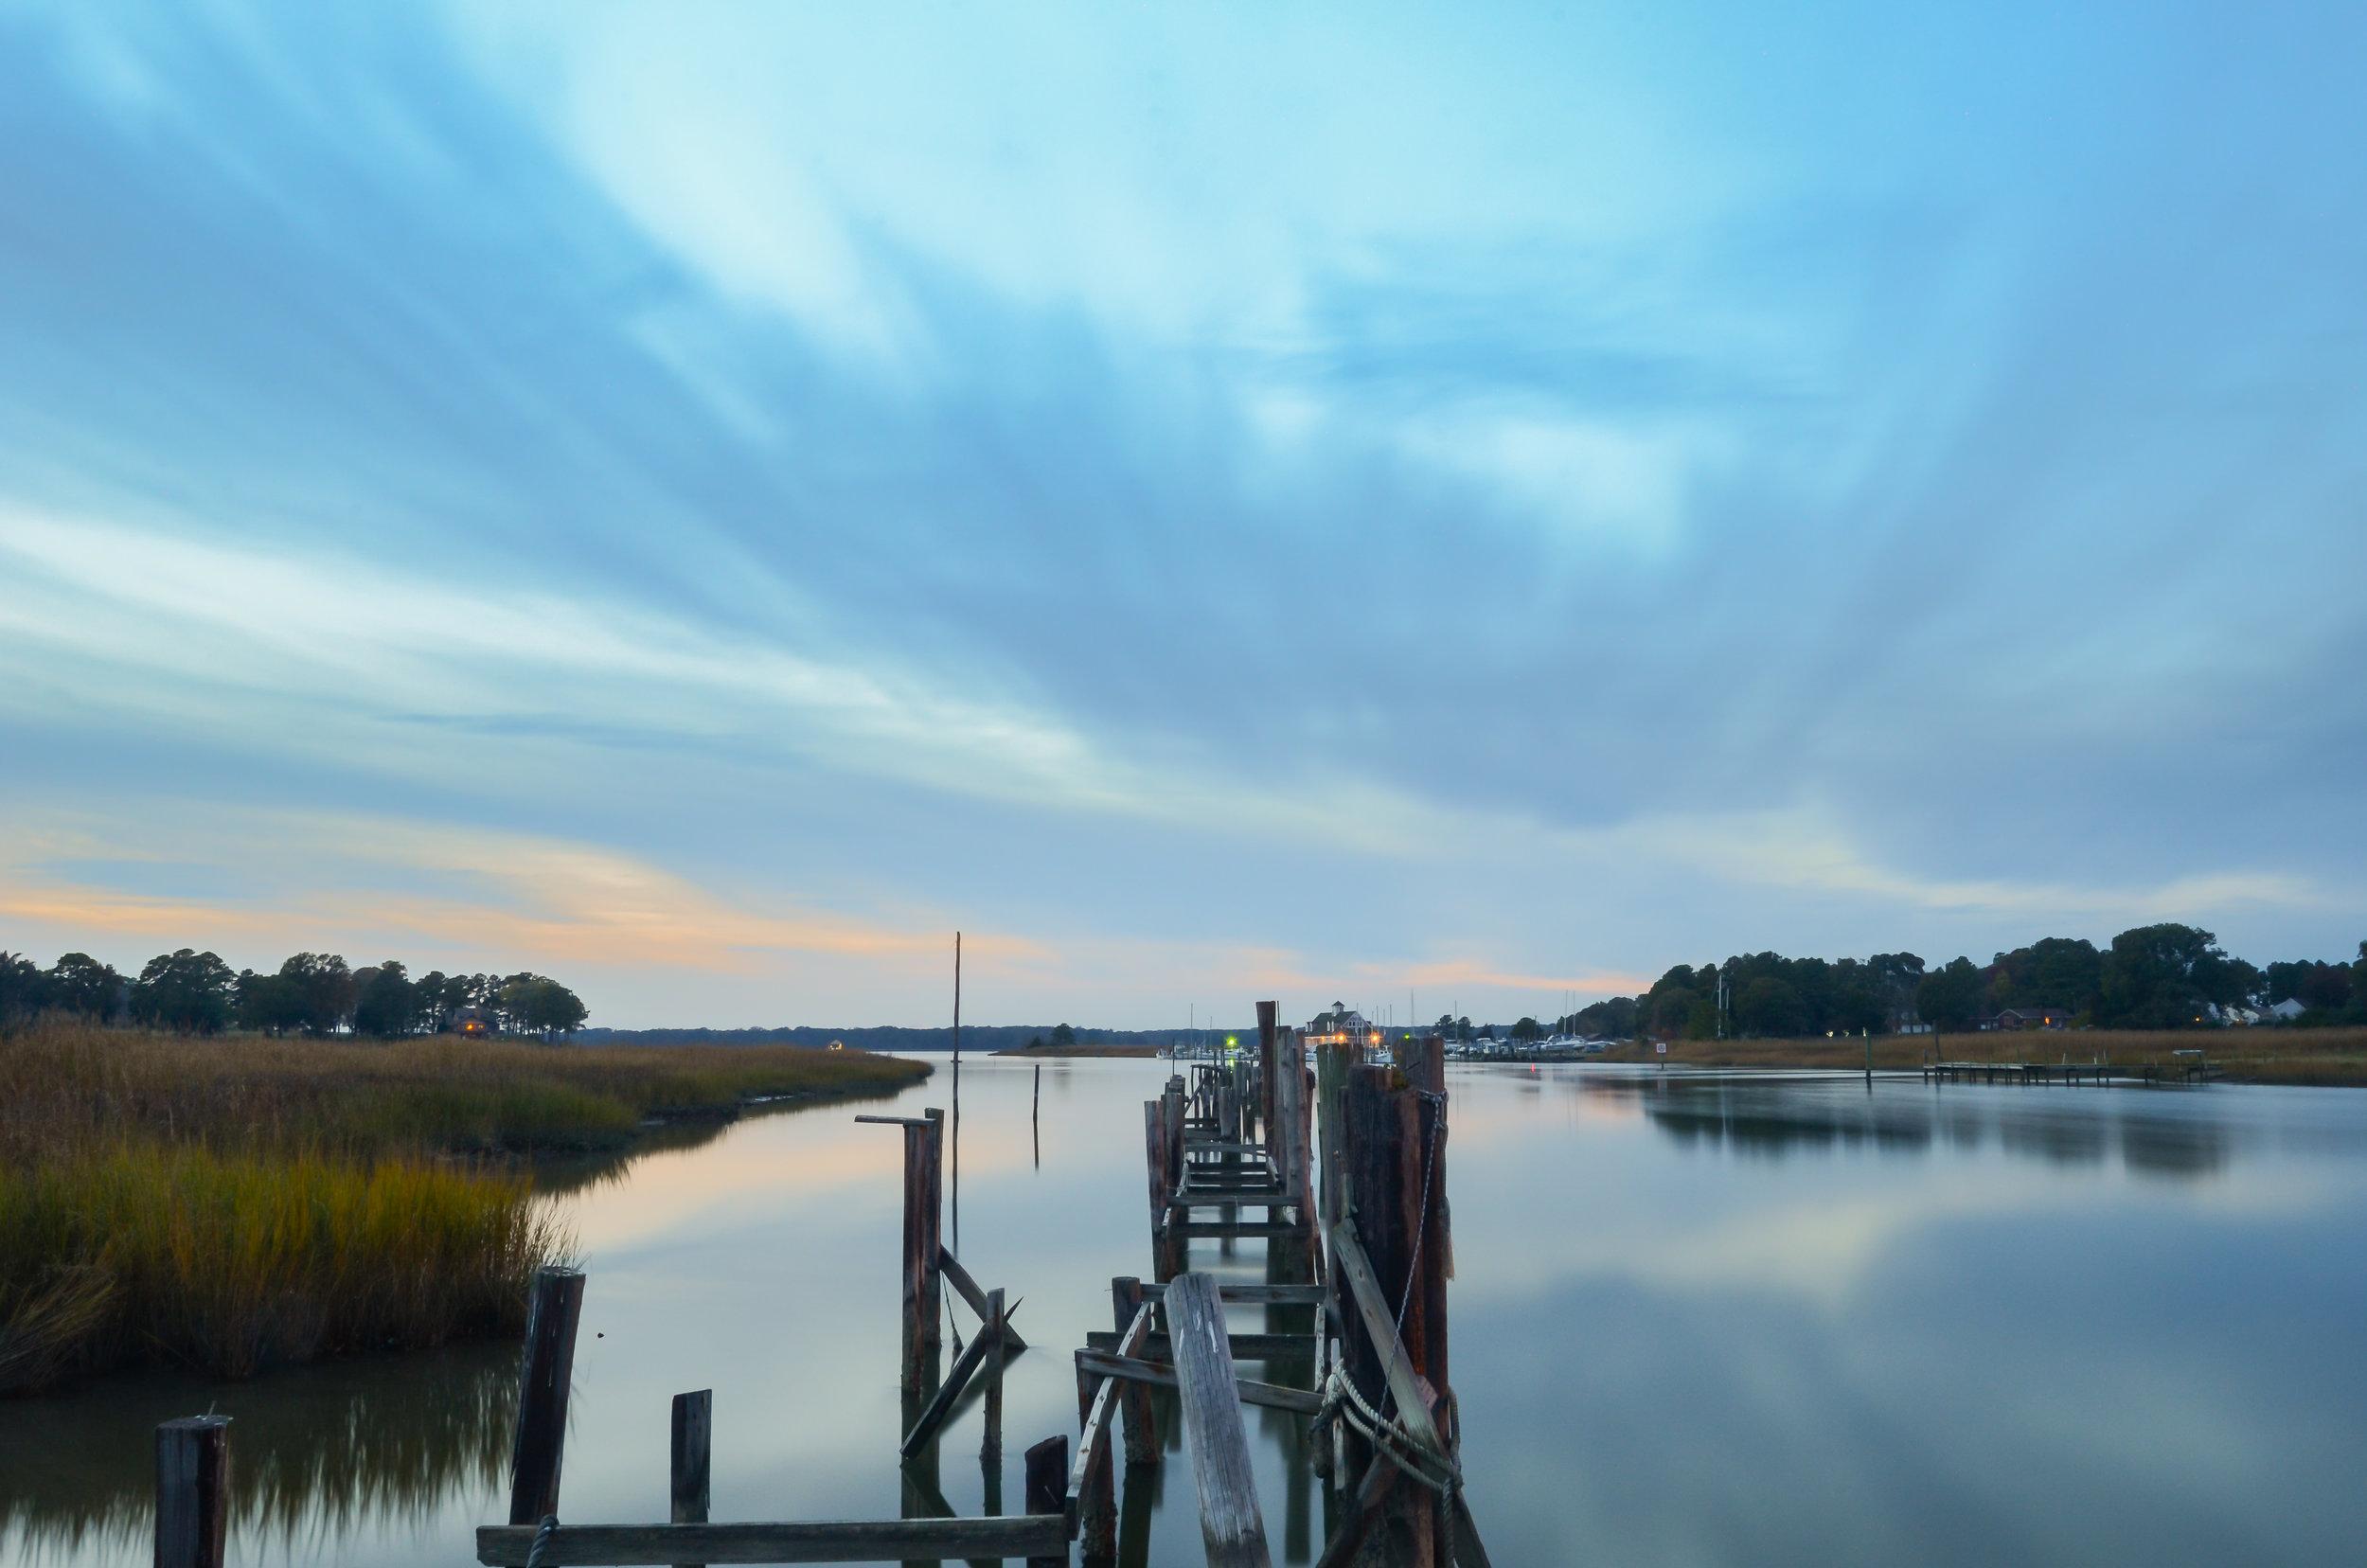 isle of wight county-virginia-dock-creek-clouds.jpg